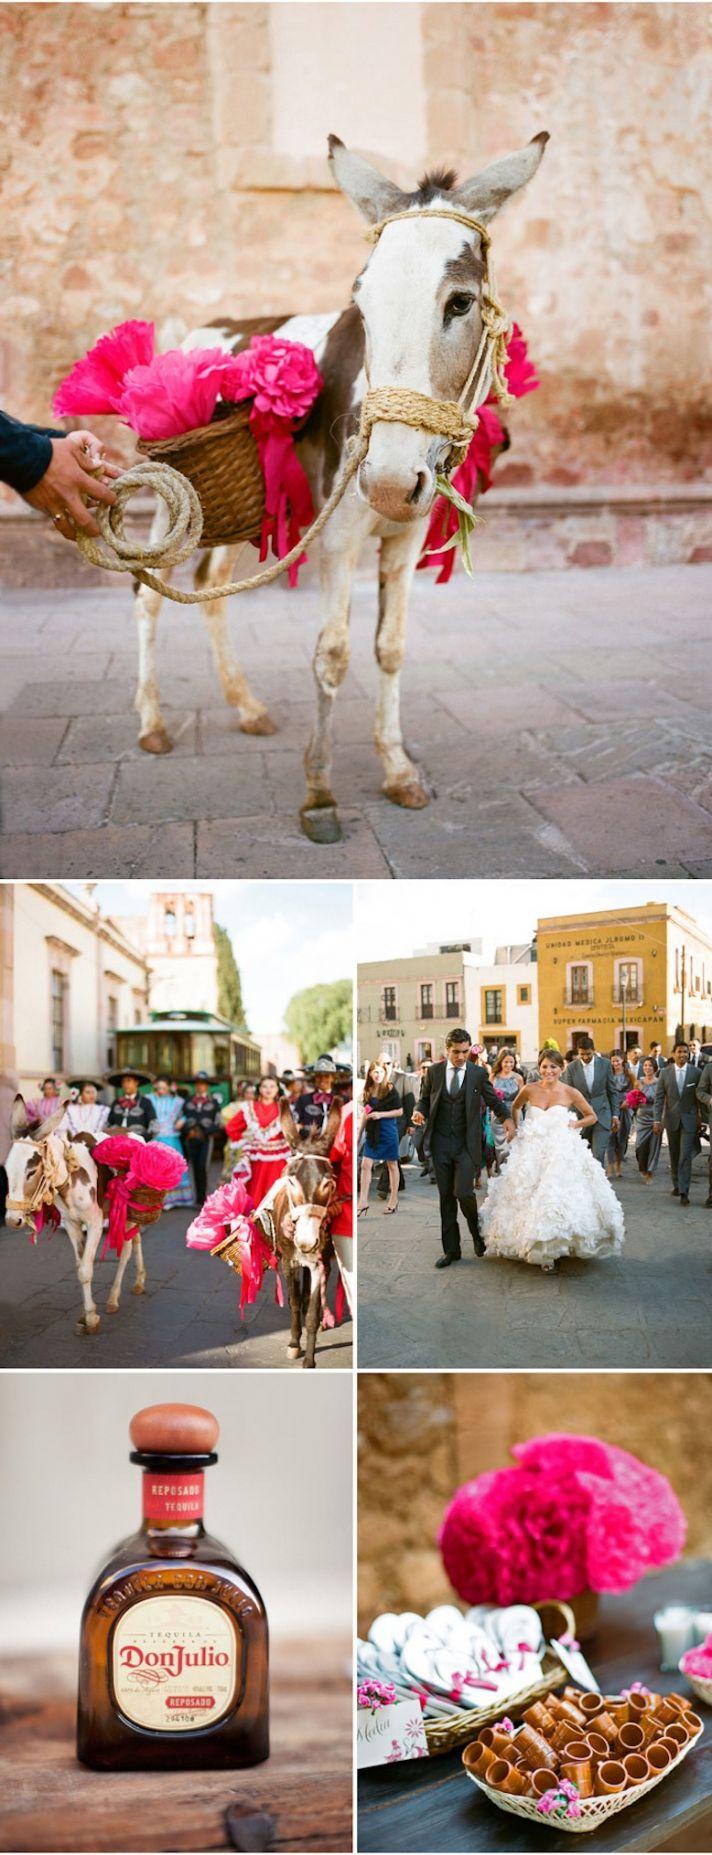 Bright destination wedding in Mexico by Aaron Delesie 6